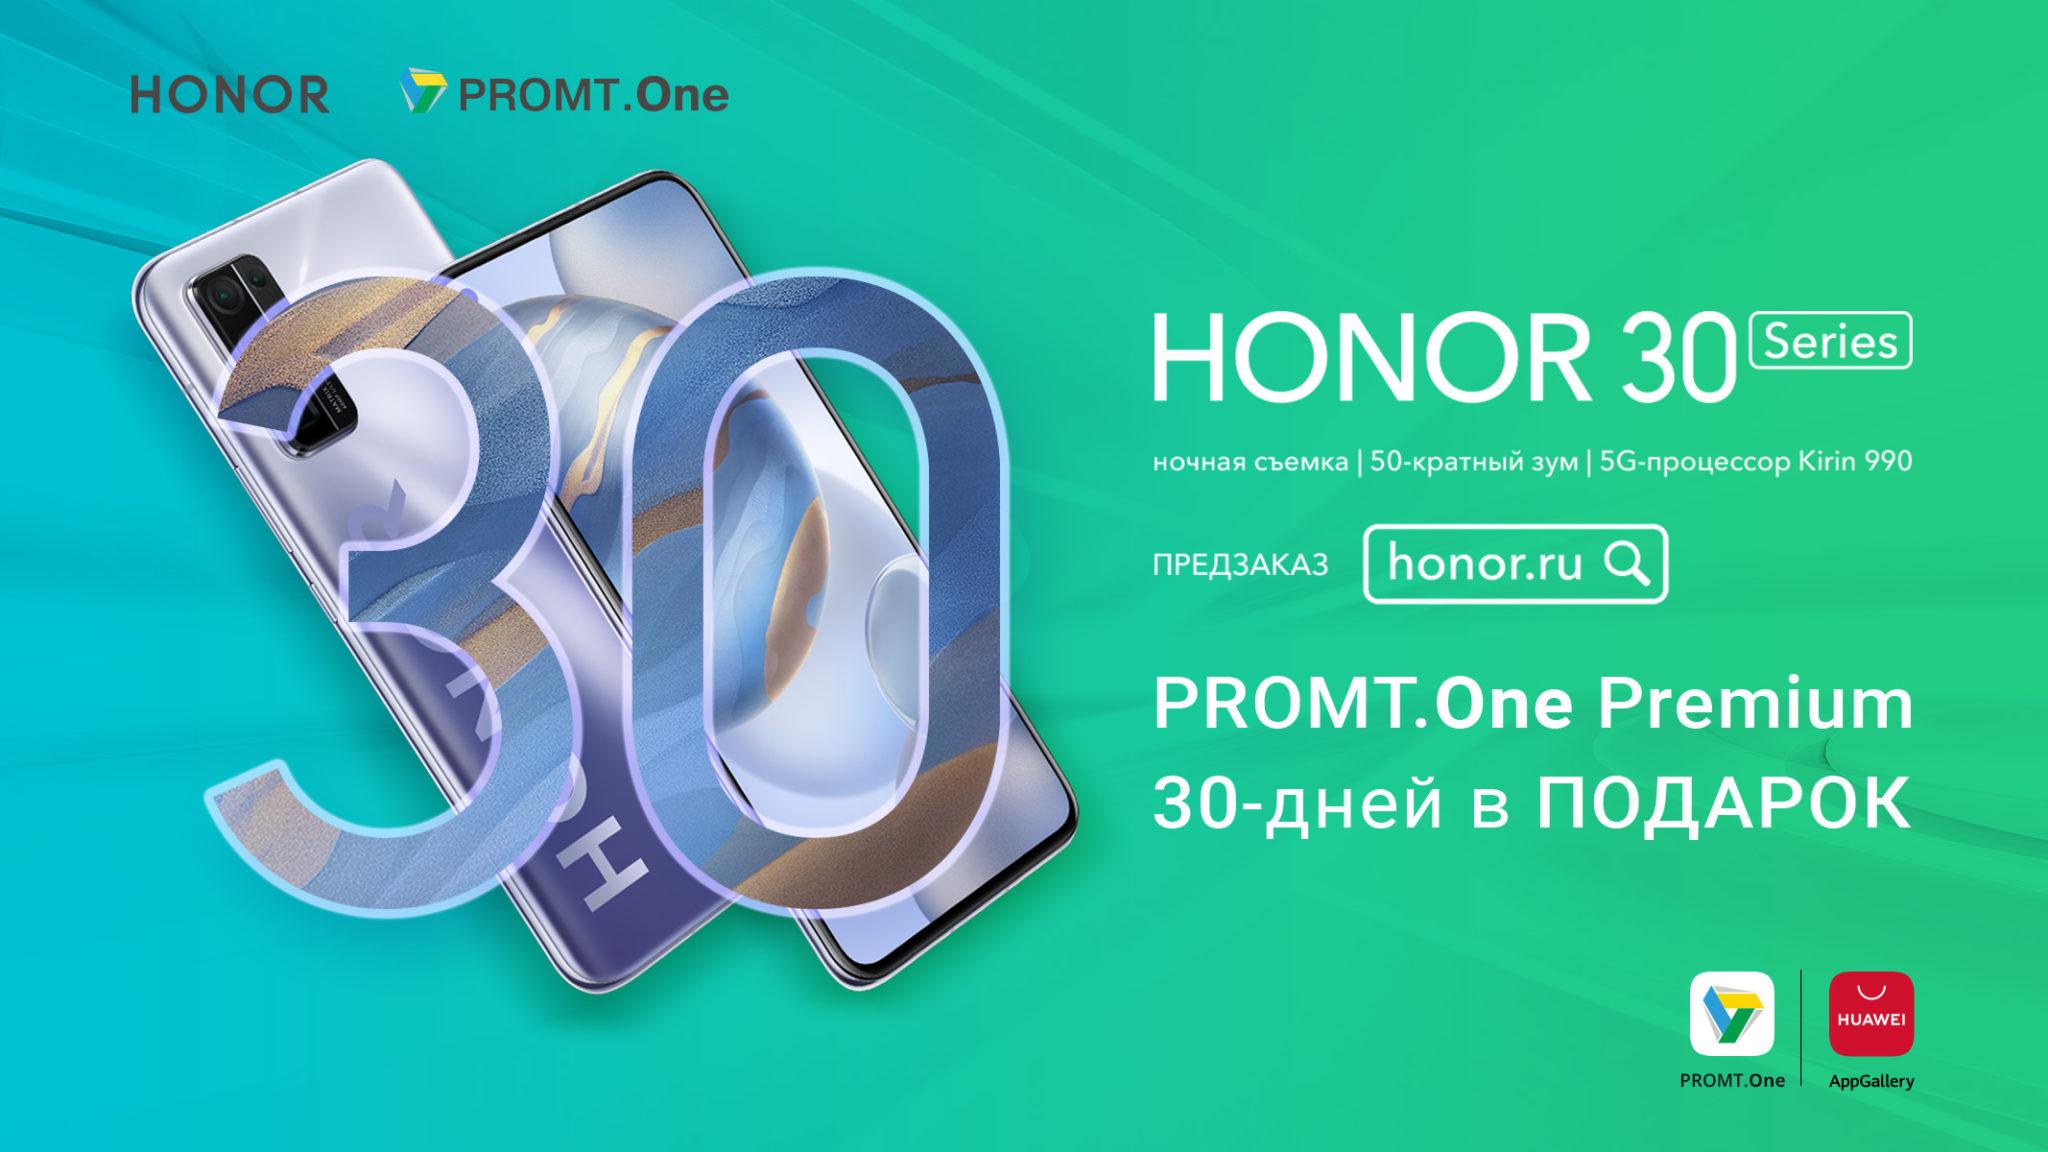 флагманский смартфон honor 30 и месяц бесплатных premium-возможностей